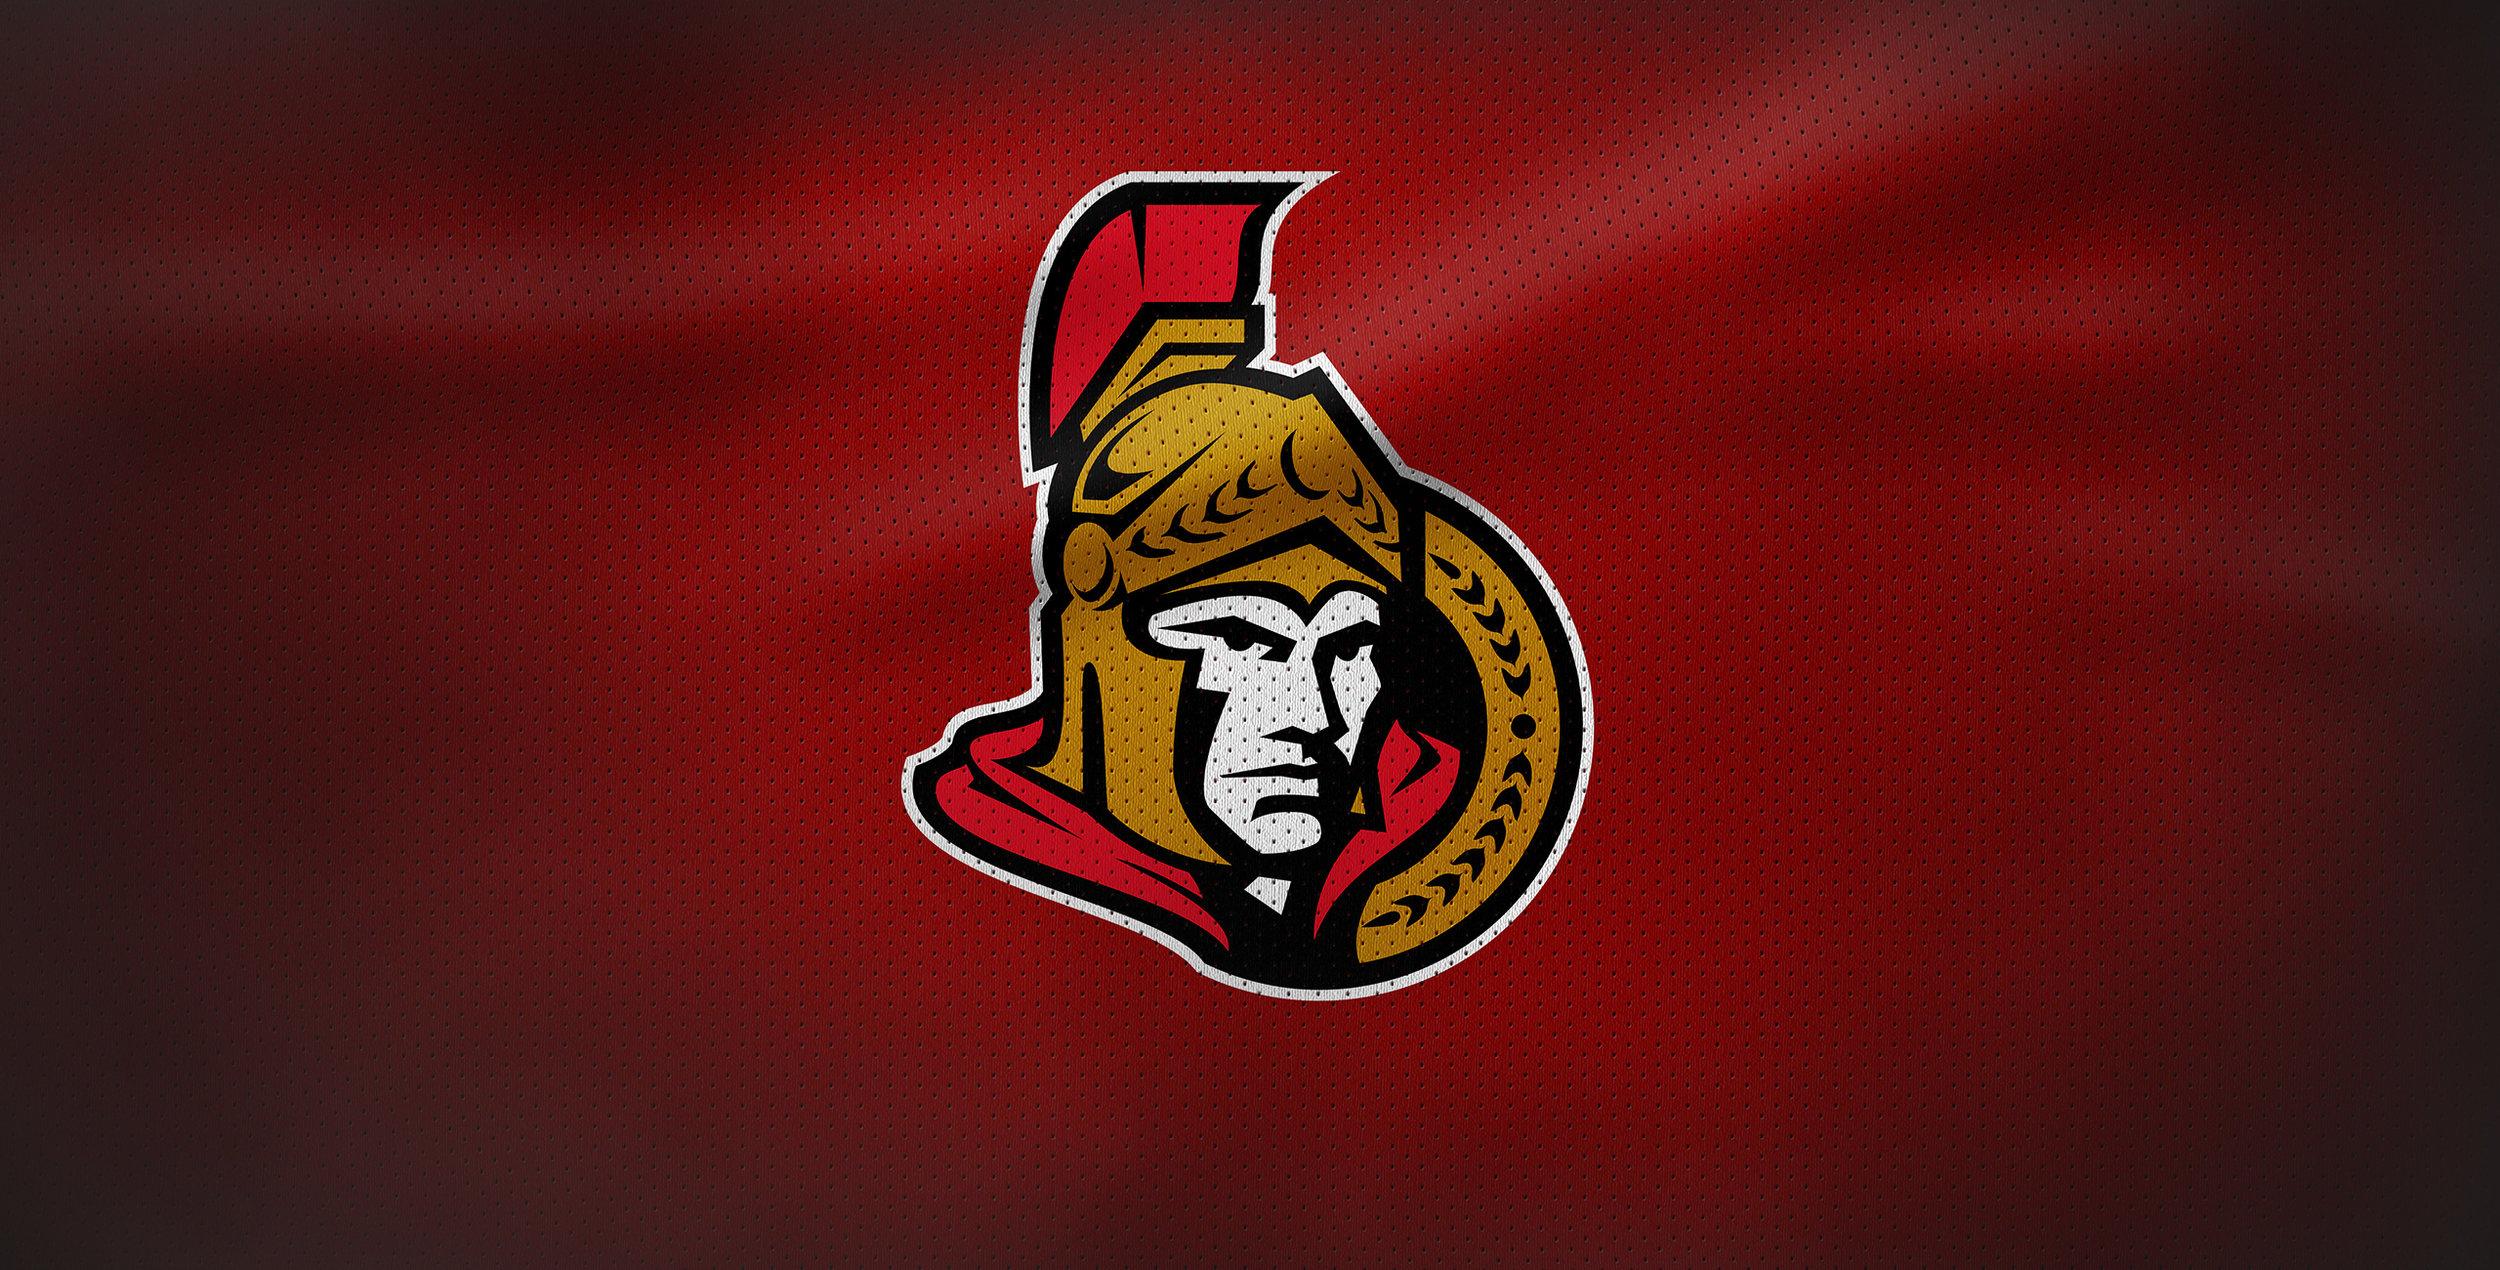 Ottawa Senators    Huvudstadsklubben har sedan Conference-finalen 2017 haft det tungt men har bytt till sig en hel del spännande ynglingar. Tre svenskar är hemmahörande i klubben i Oskar Lindberg, Anders Nilsson och Magnus Pääjärvi. Vi kan hjälpa dig med matchbiljetter till lagets matcher i Canadian Tires Center.